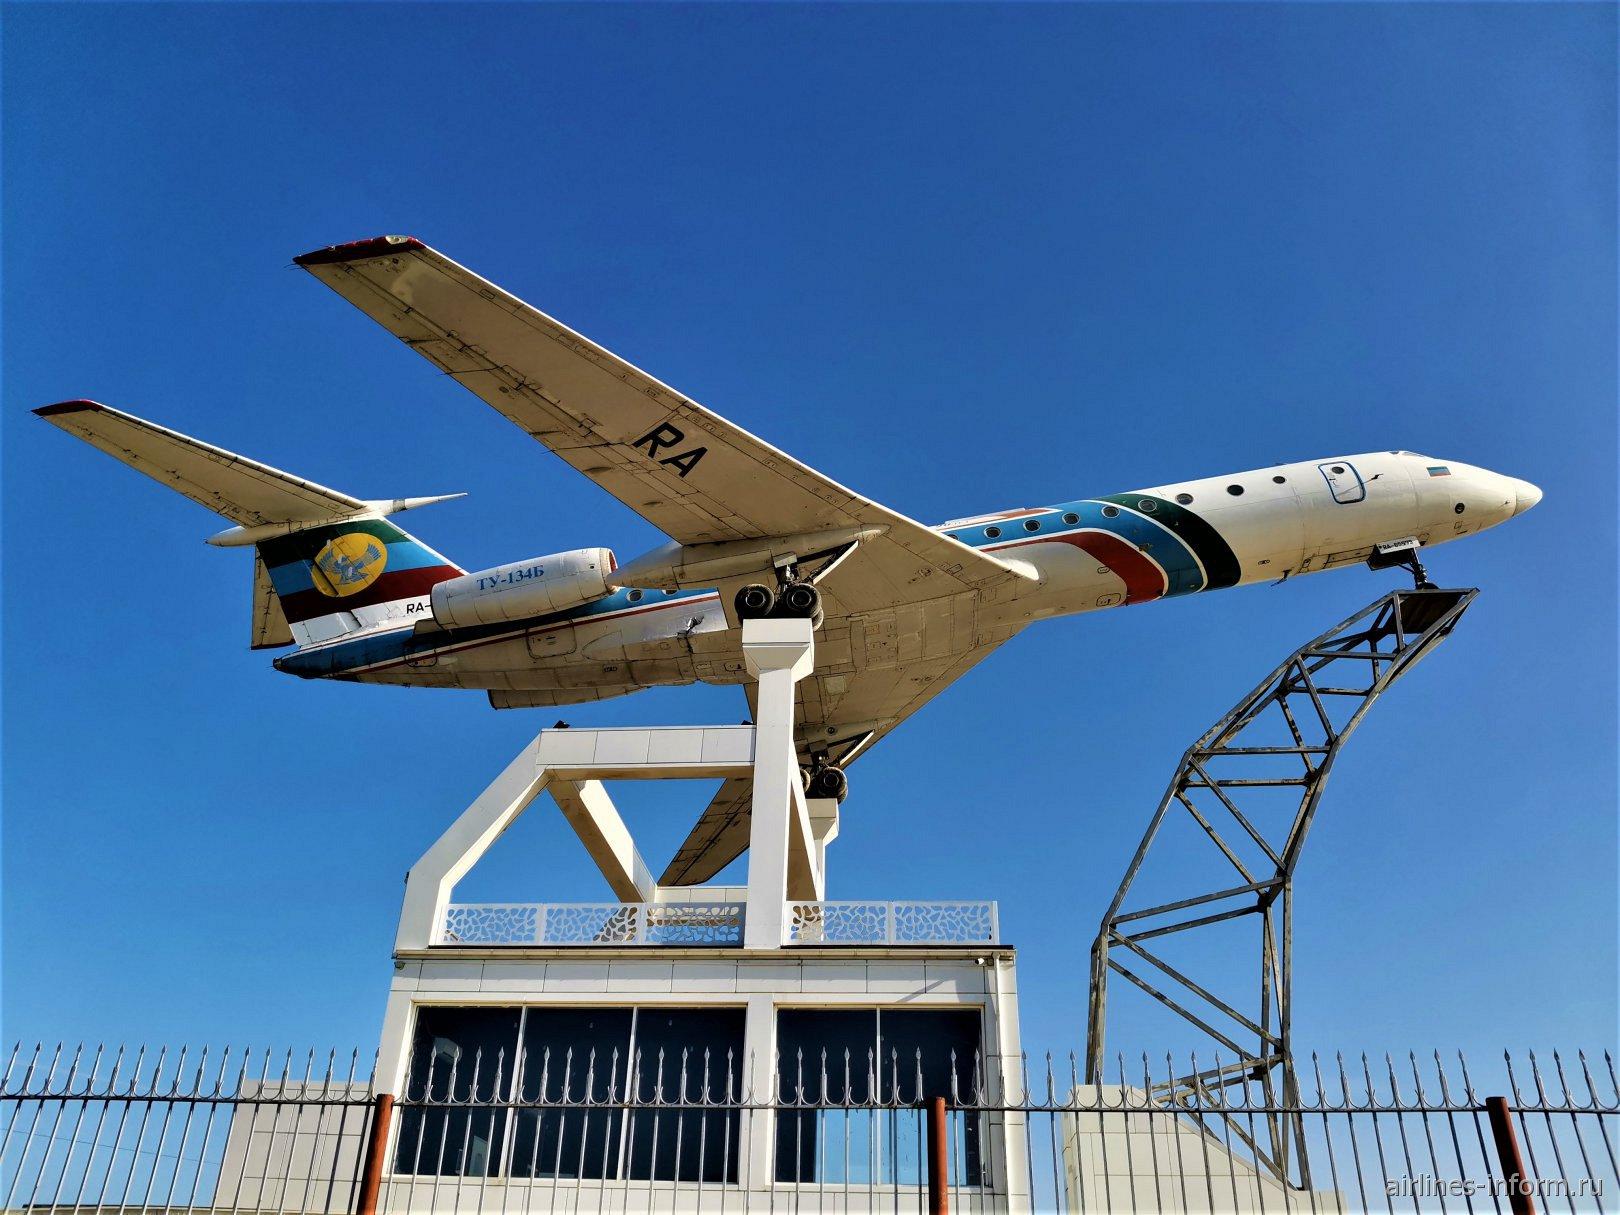 Бывший самолет Ту-134 Дагестанских авиалиний на постаменте в аэропорту Махачкалы